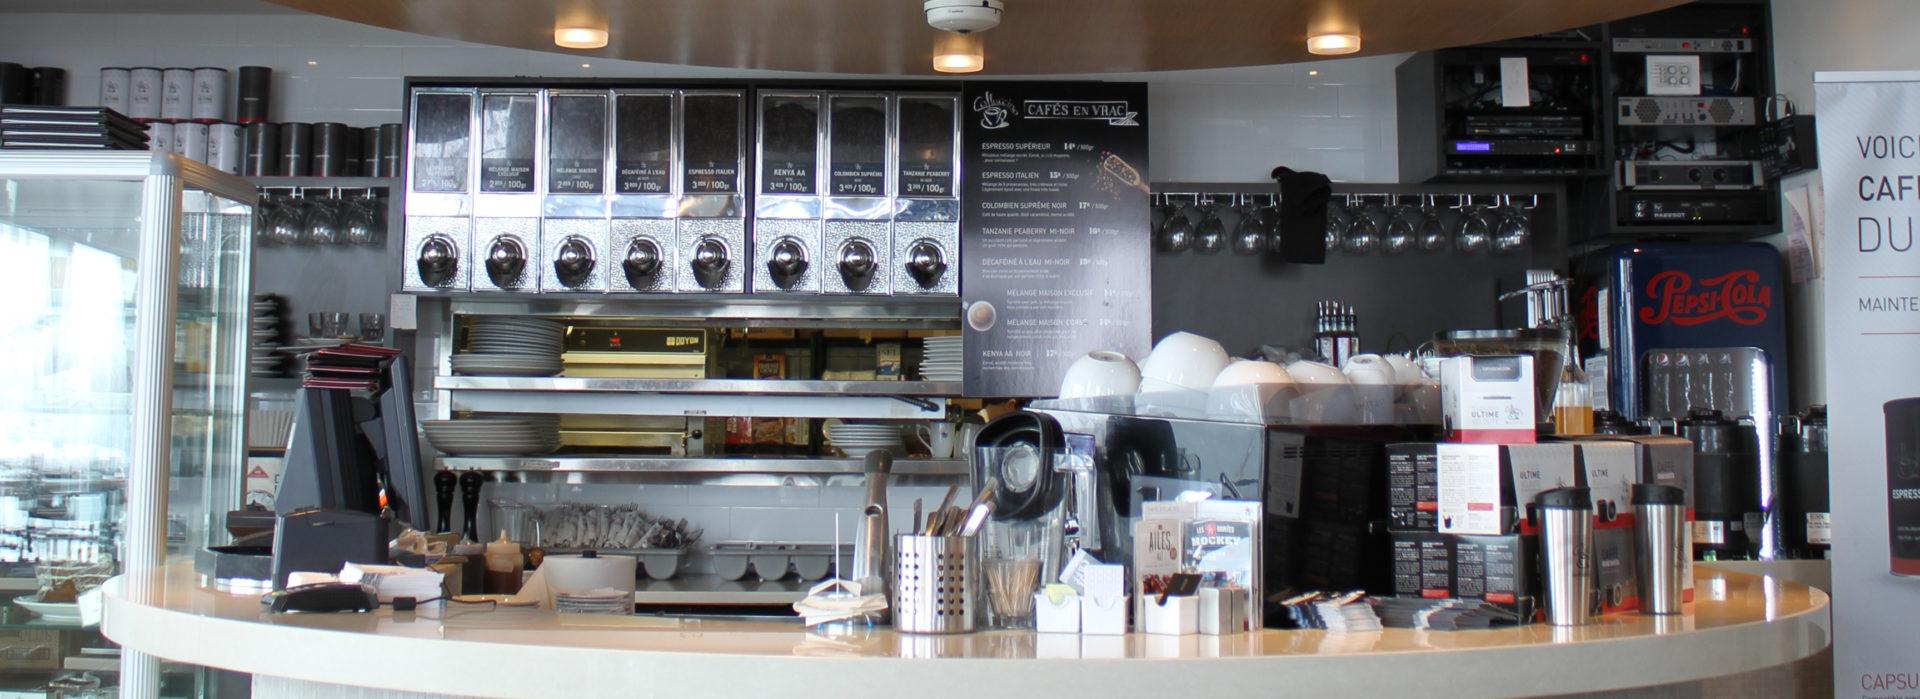 Caffuccino Bistro Granby - Bar Espresso